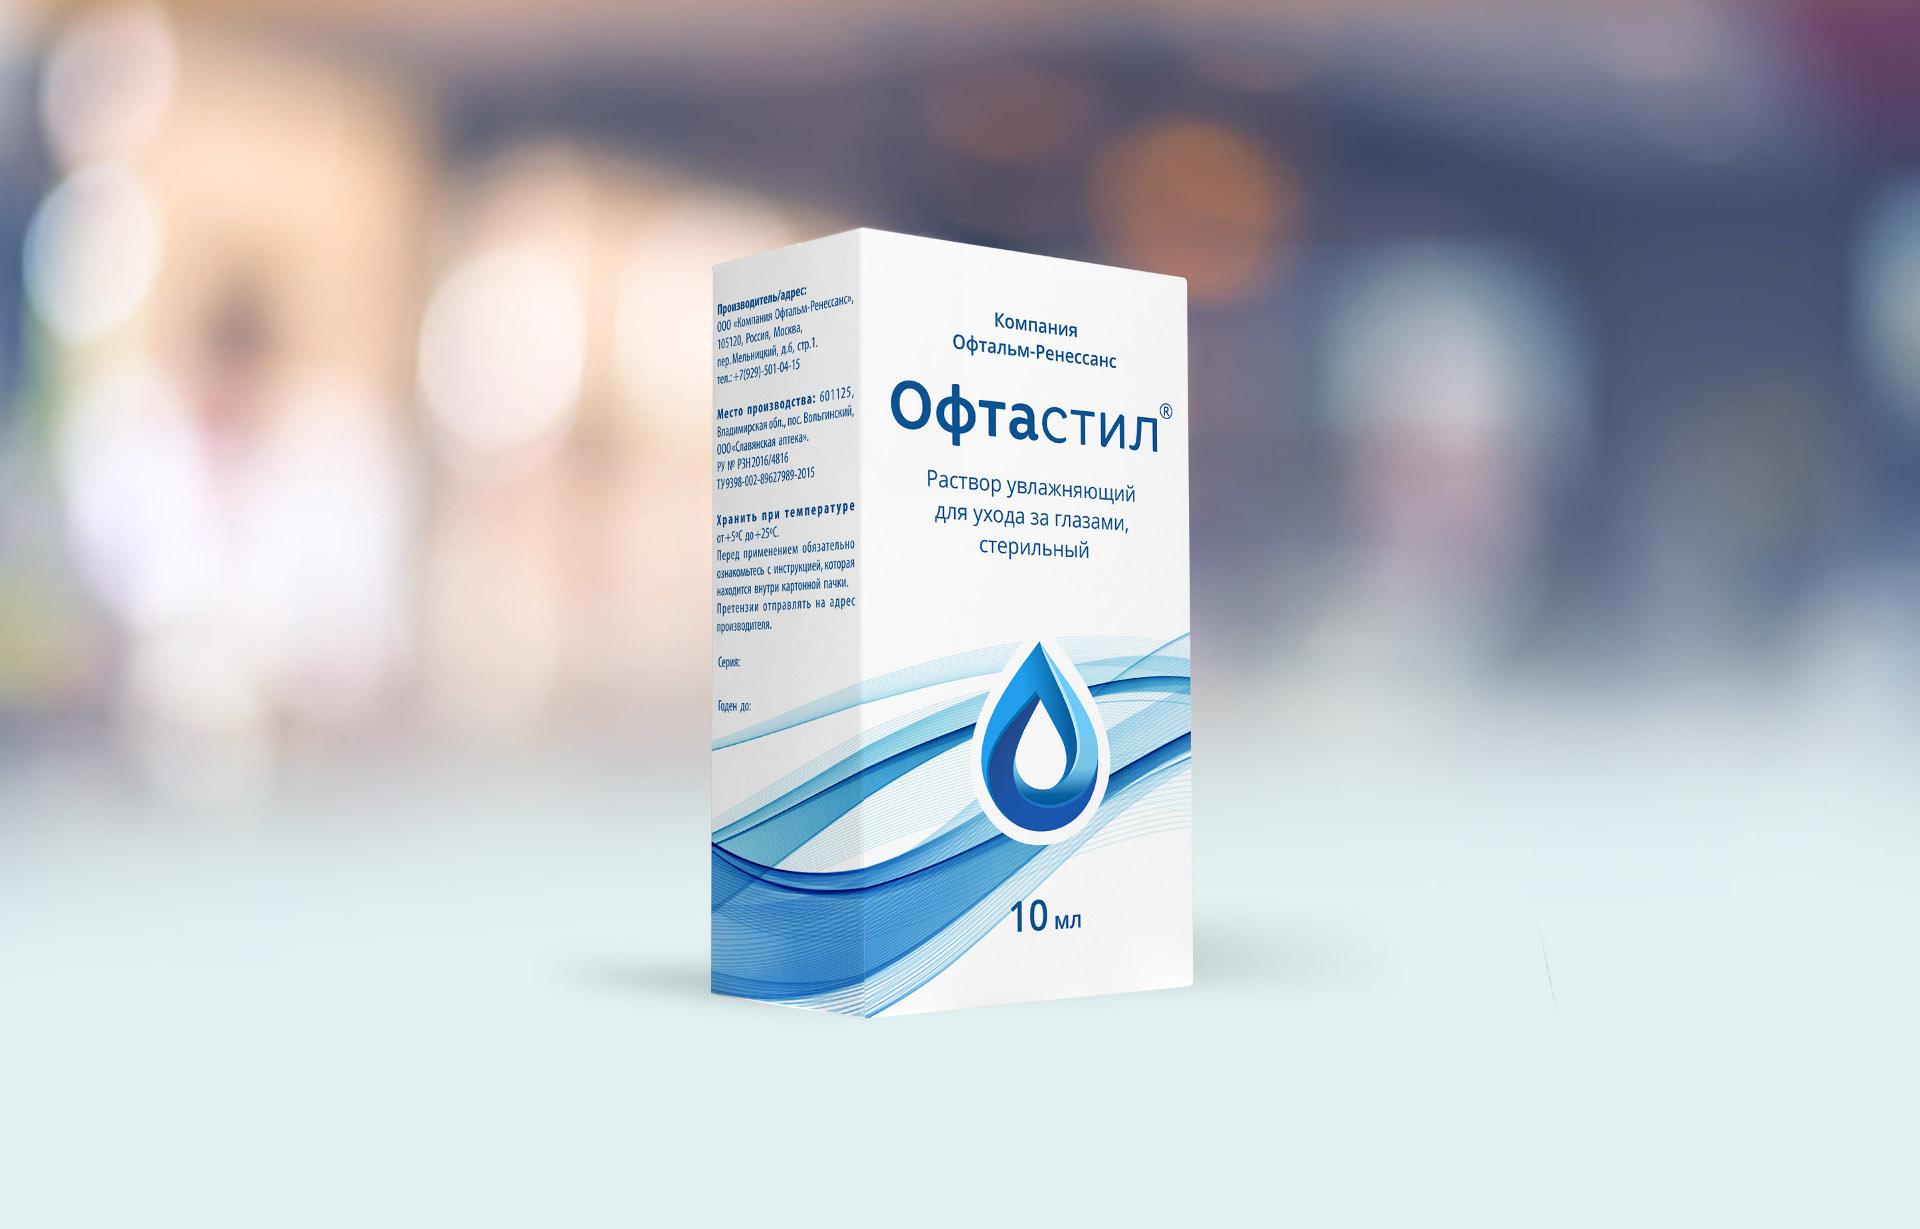 Packaging design of eye drops